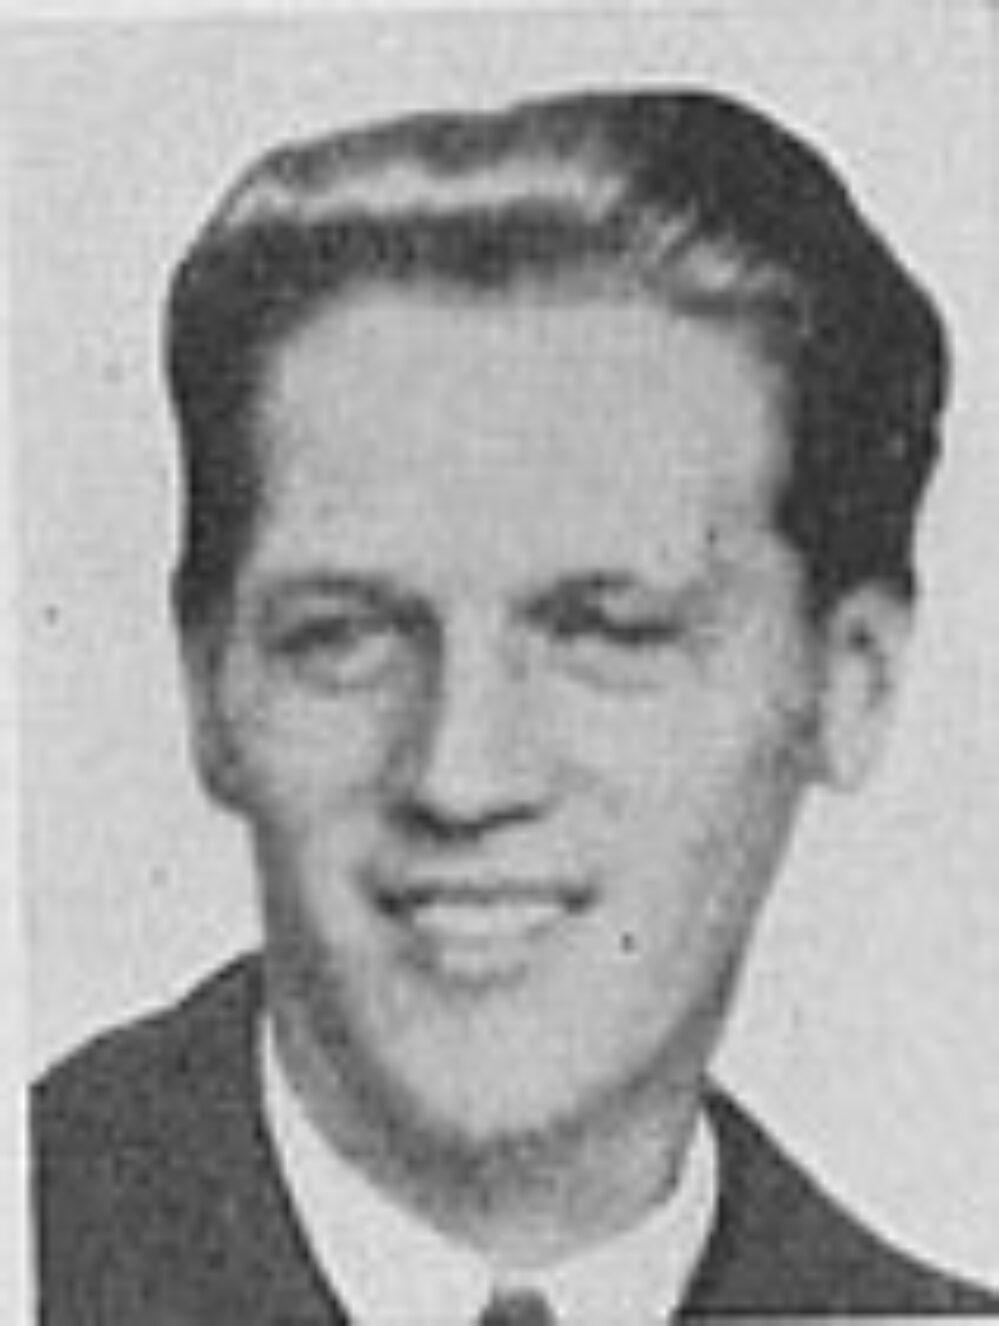 Thomas Adolf Jensen